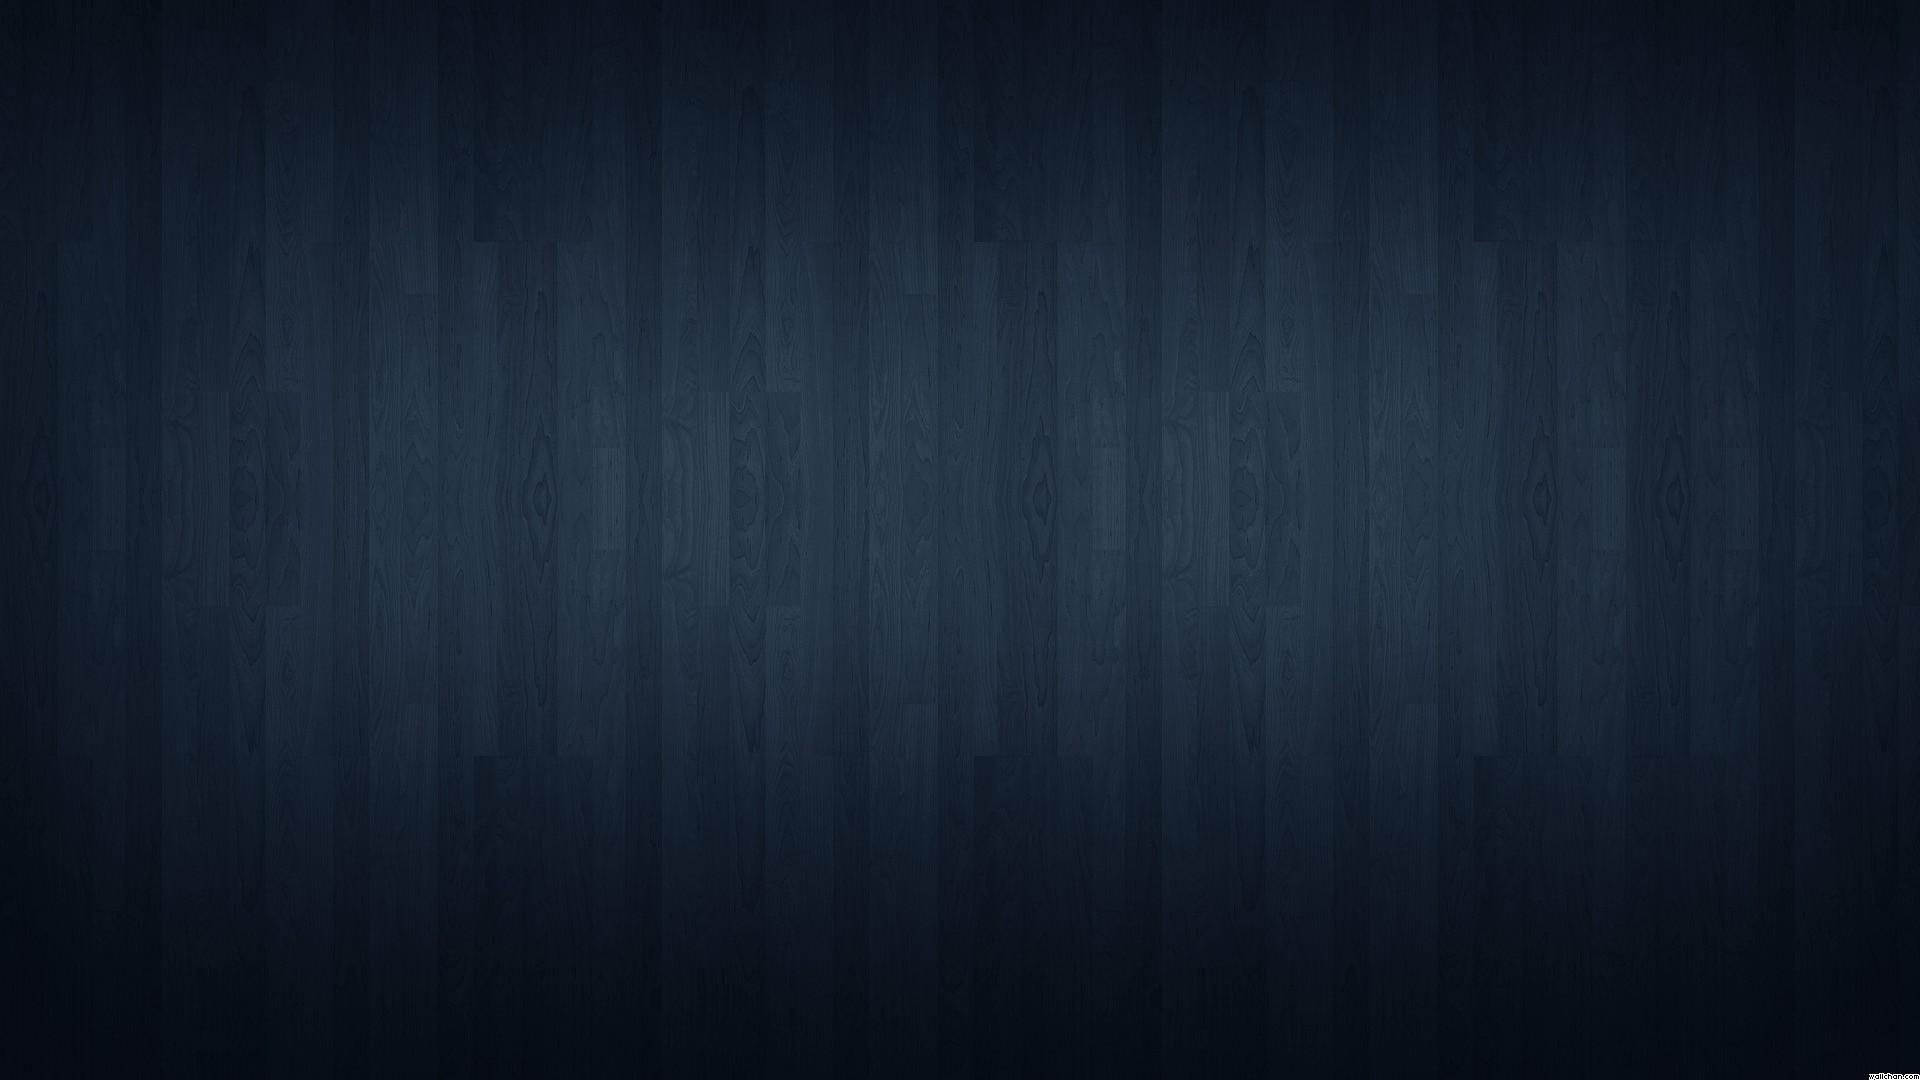 1305828451-floor-minimalistic-dark-pattern-wood-patterns-wallpaper